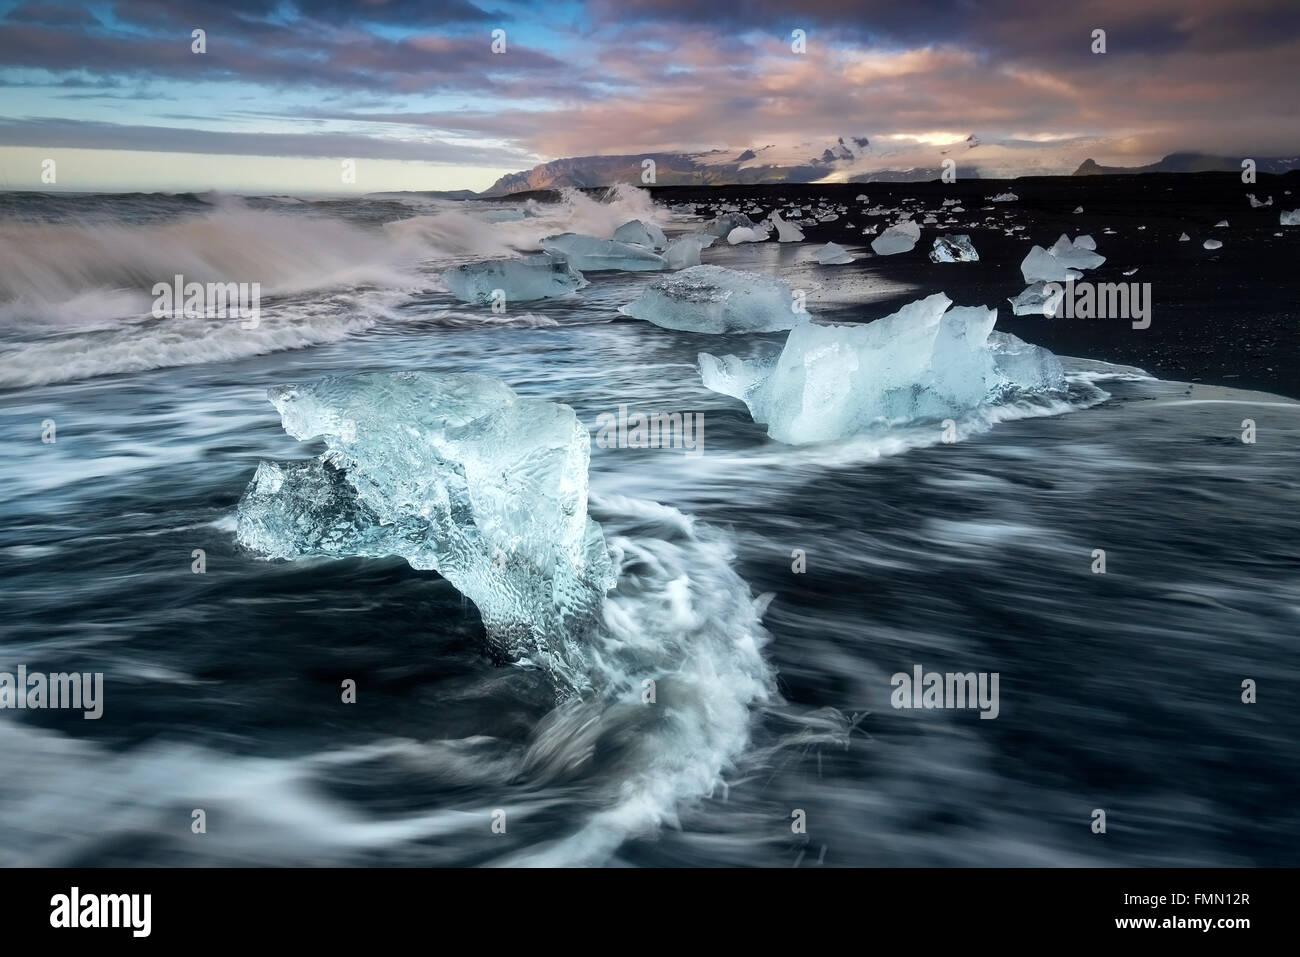 Eisberge wuschen sich am vulkanischen Strand Fellsfjara in der Nähe von Jokulsarlon im Süden Islands Stockfoto